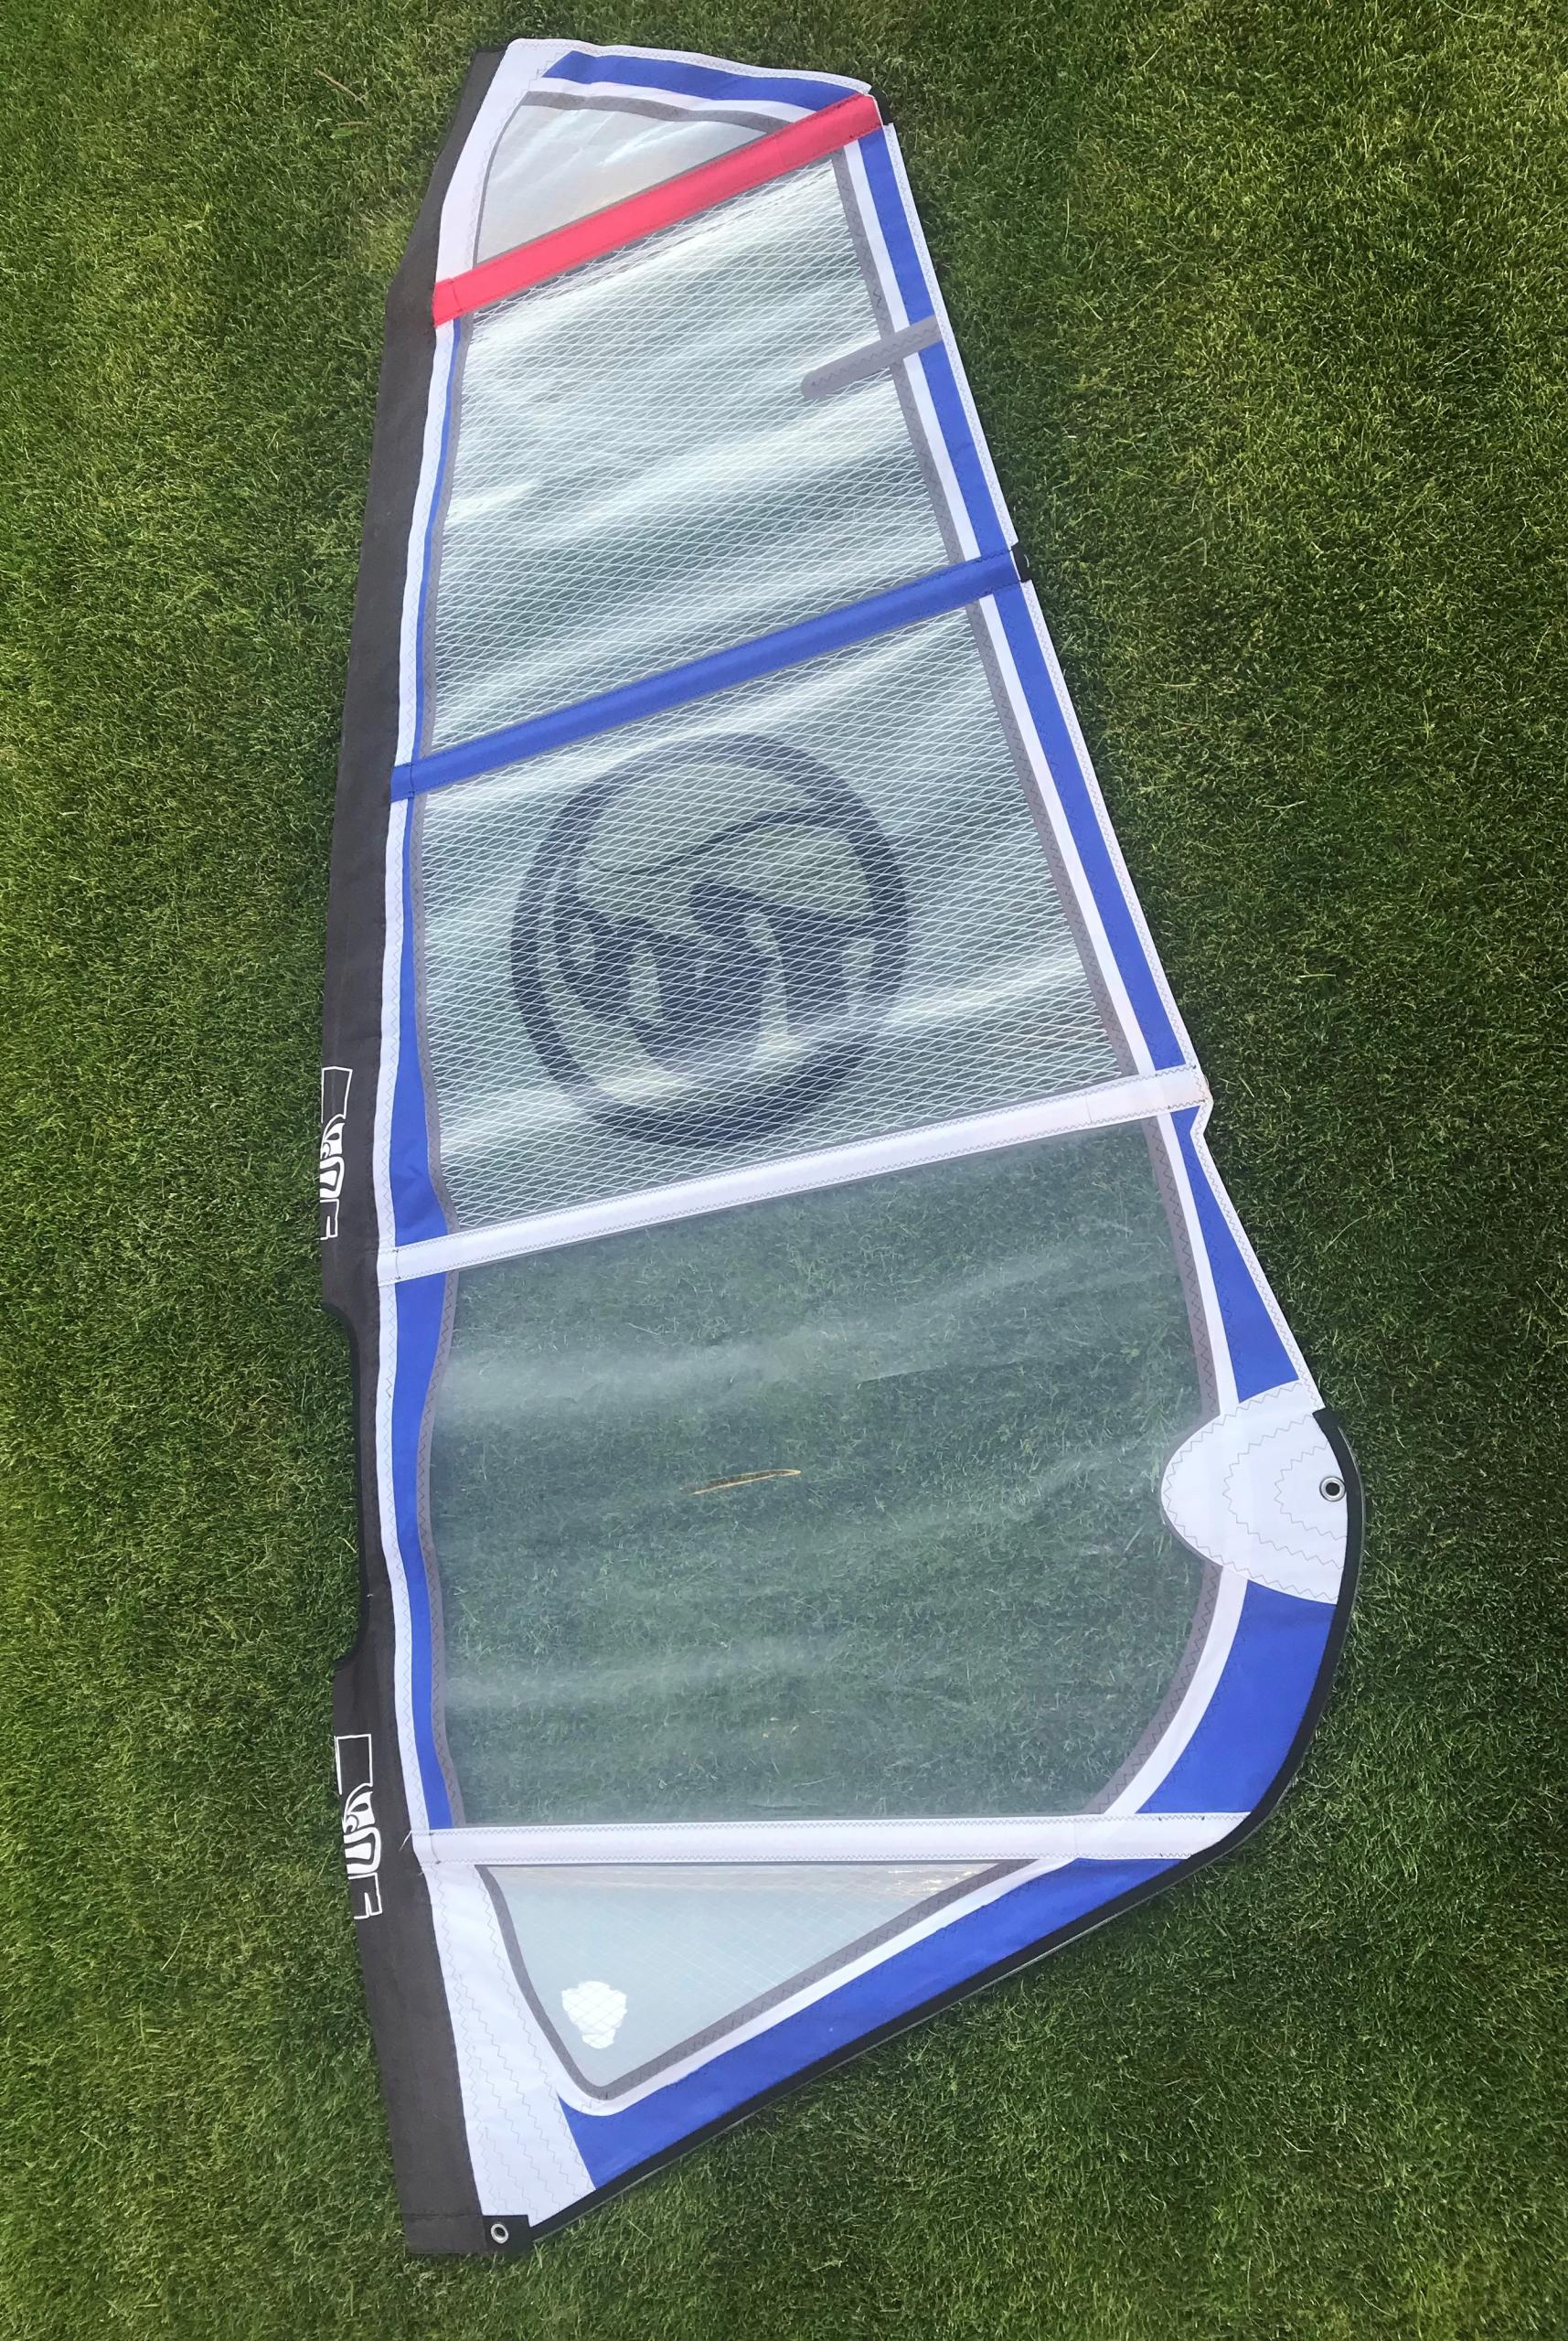 żagiel windsurfing 2GO 3.5m juniorski, dziecięcy